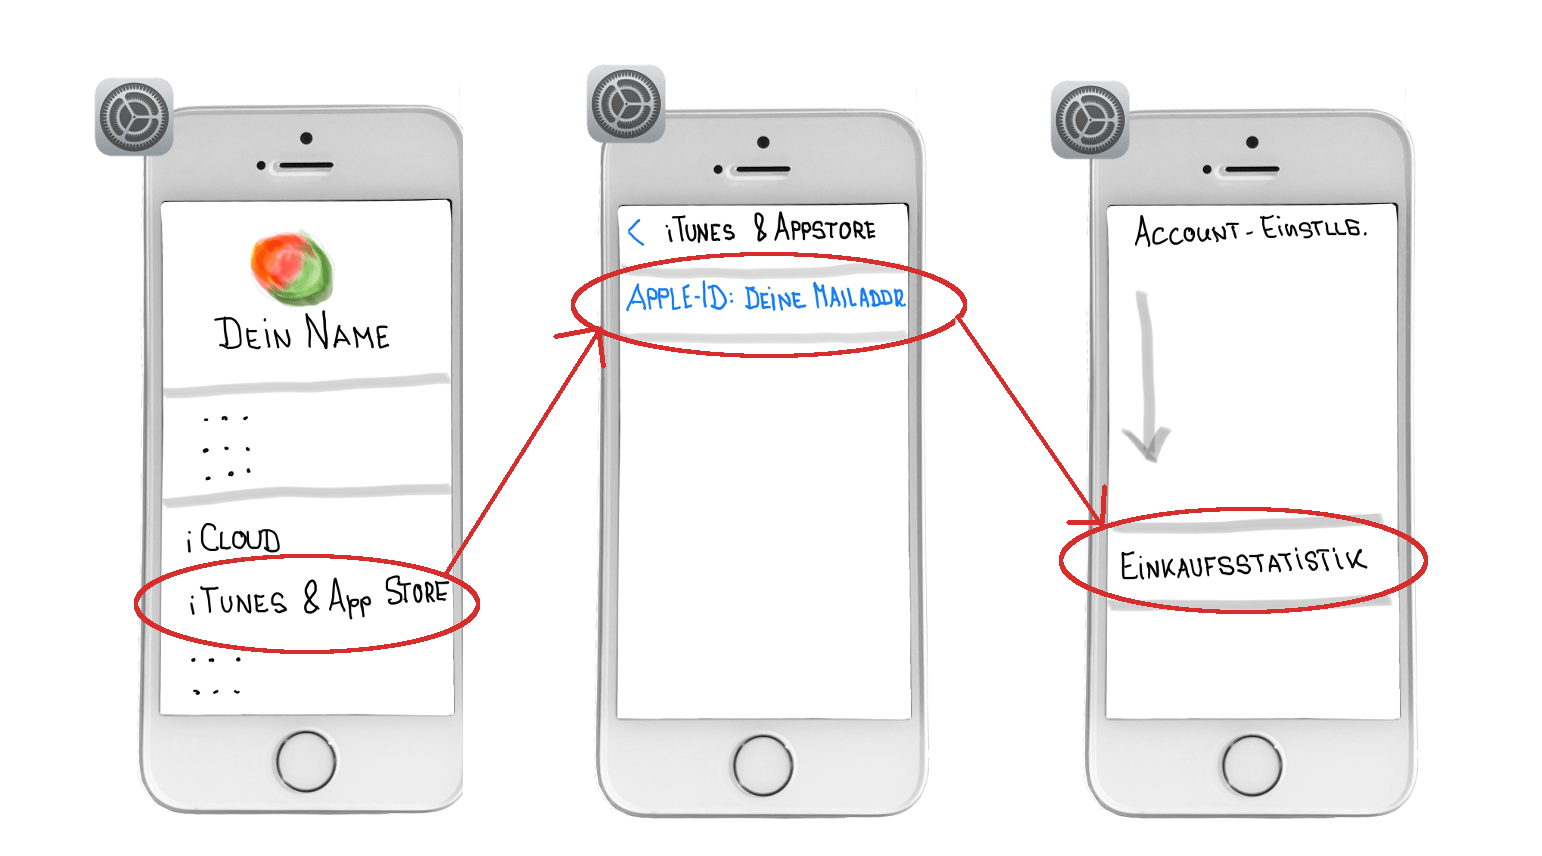 iPhone einkaufsstatistik